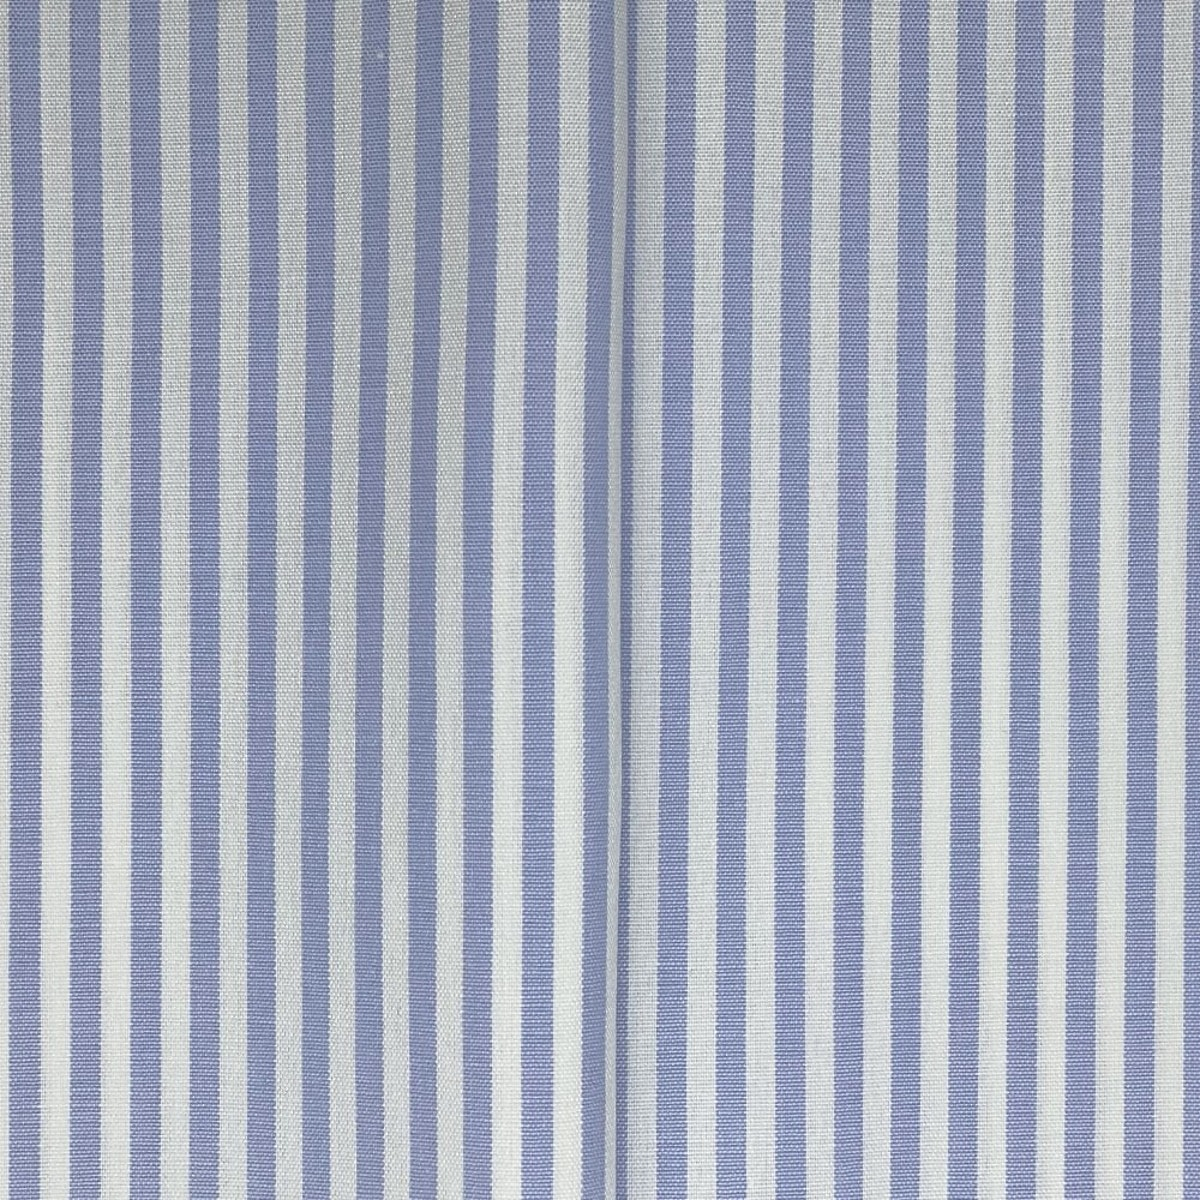 InStitchu Shirt Fabric 244